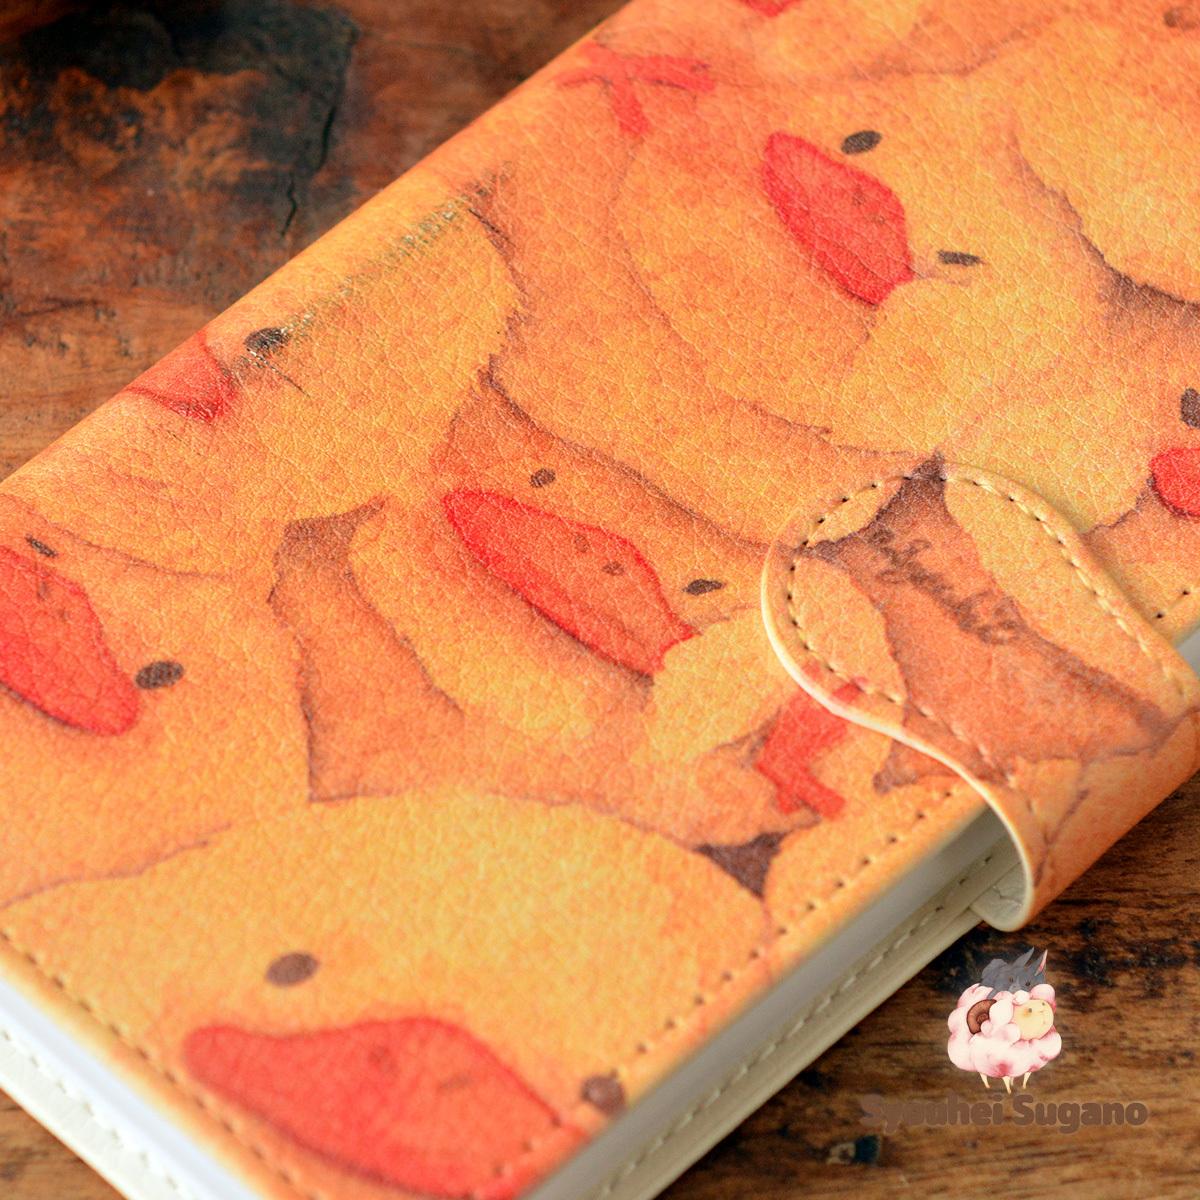 【訳あり】iphone x ケース 手帳型 かわいい アイフォンテン ケース かわいい iphoneテン ケース かわいい おしくらひよこ/Syouhei Sugano【ss-iphxt-08057-B1】